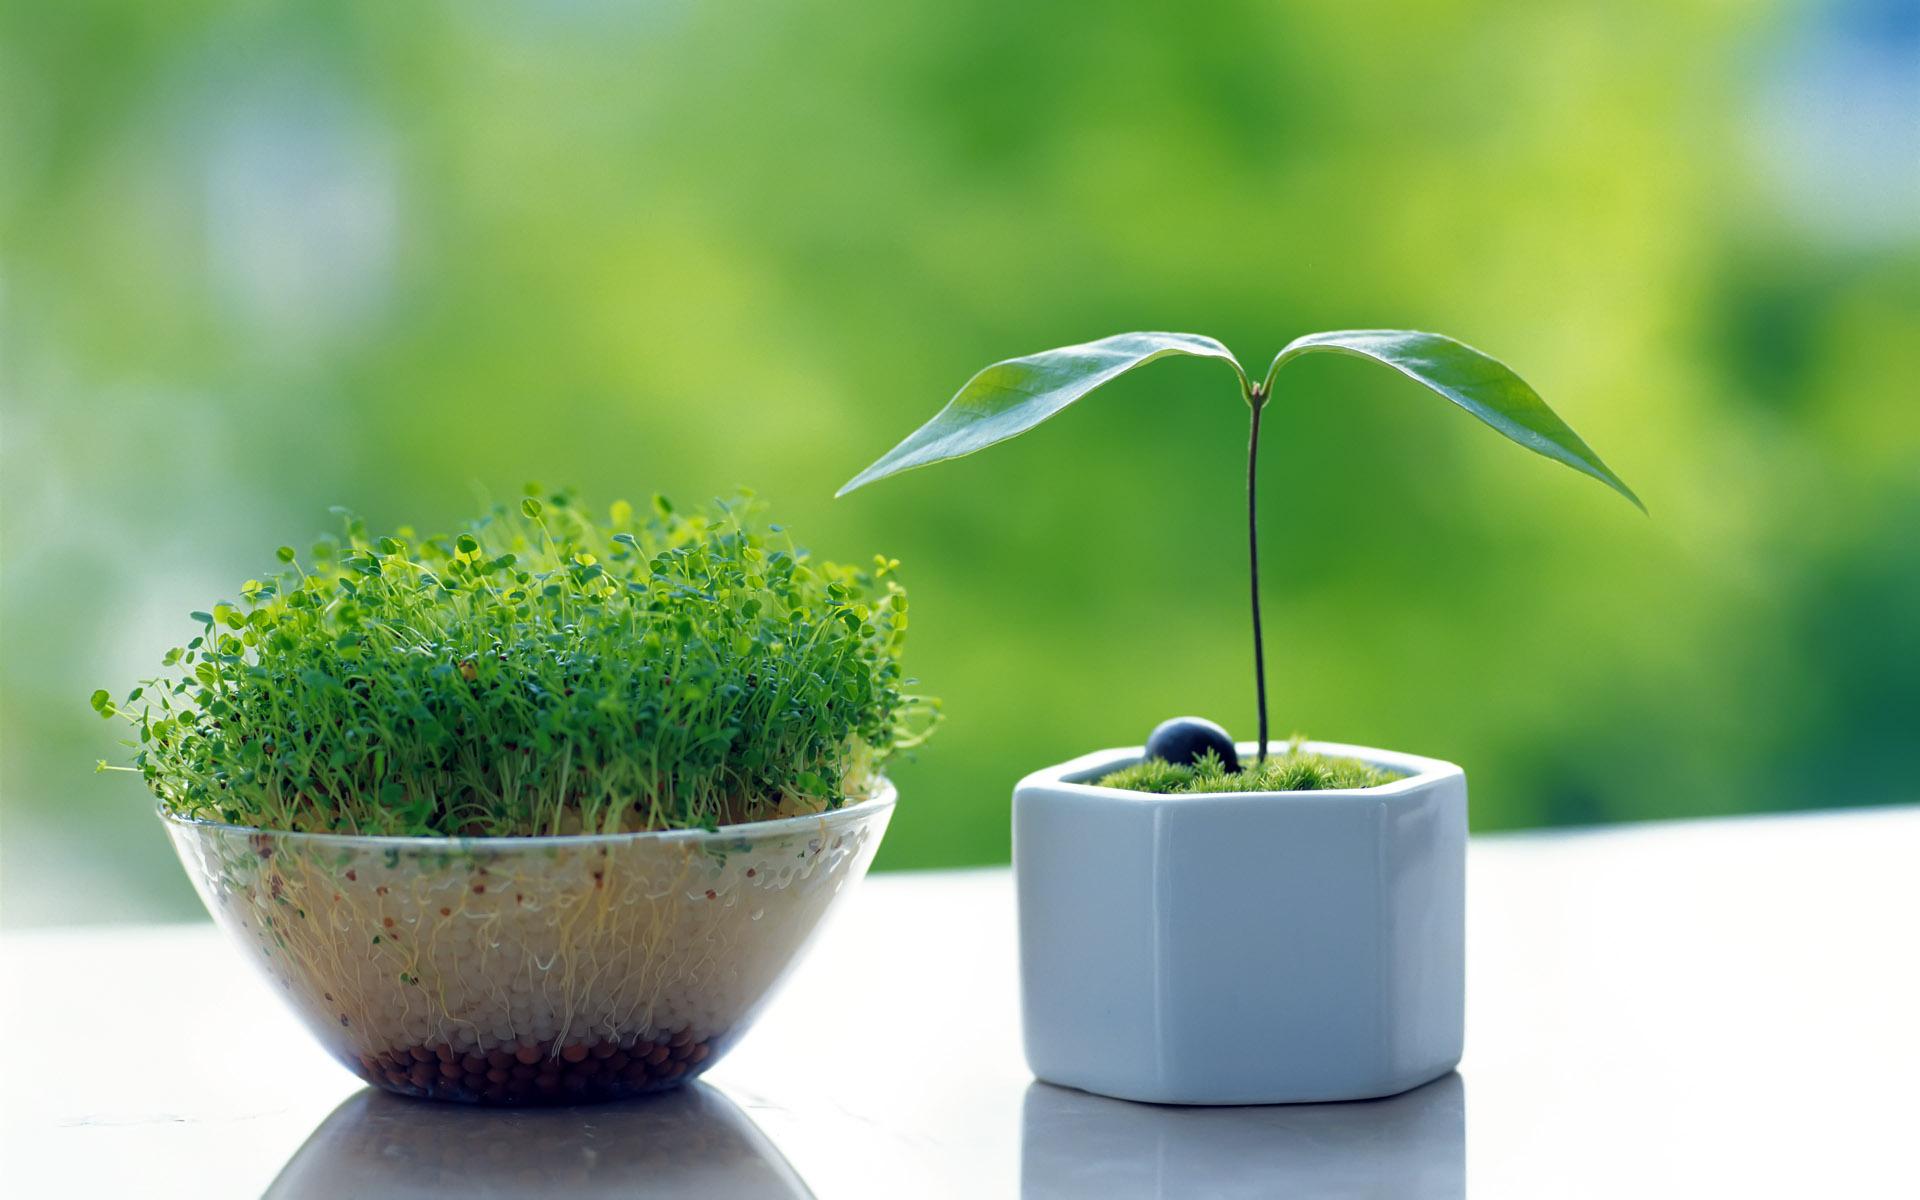 سبزه عید، بهترین زمان برای کاشت سبزه